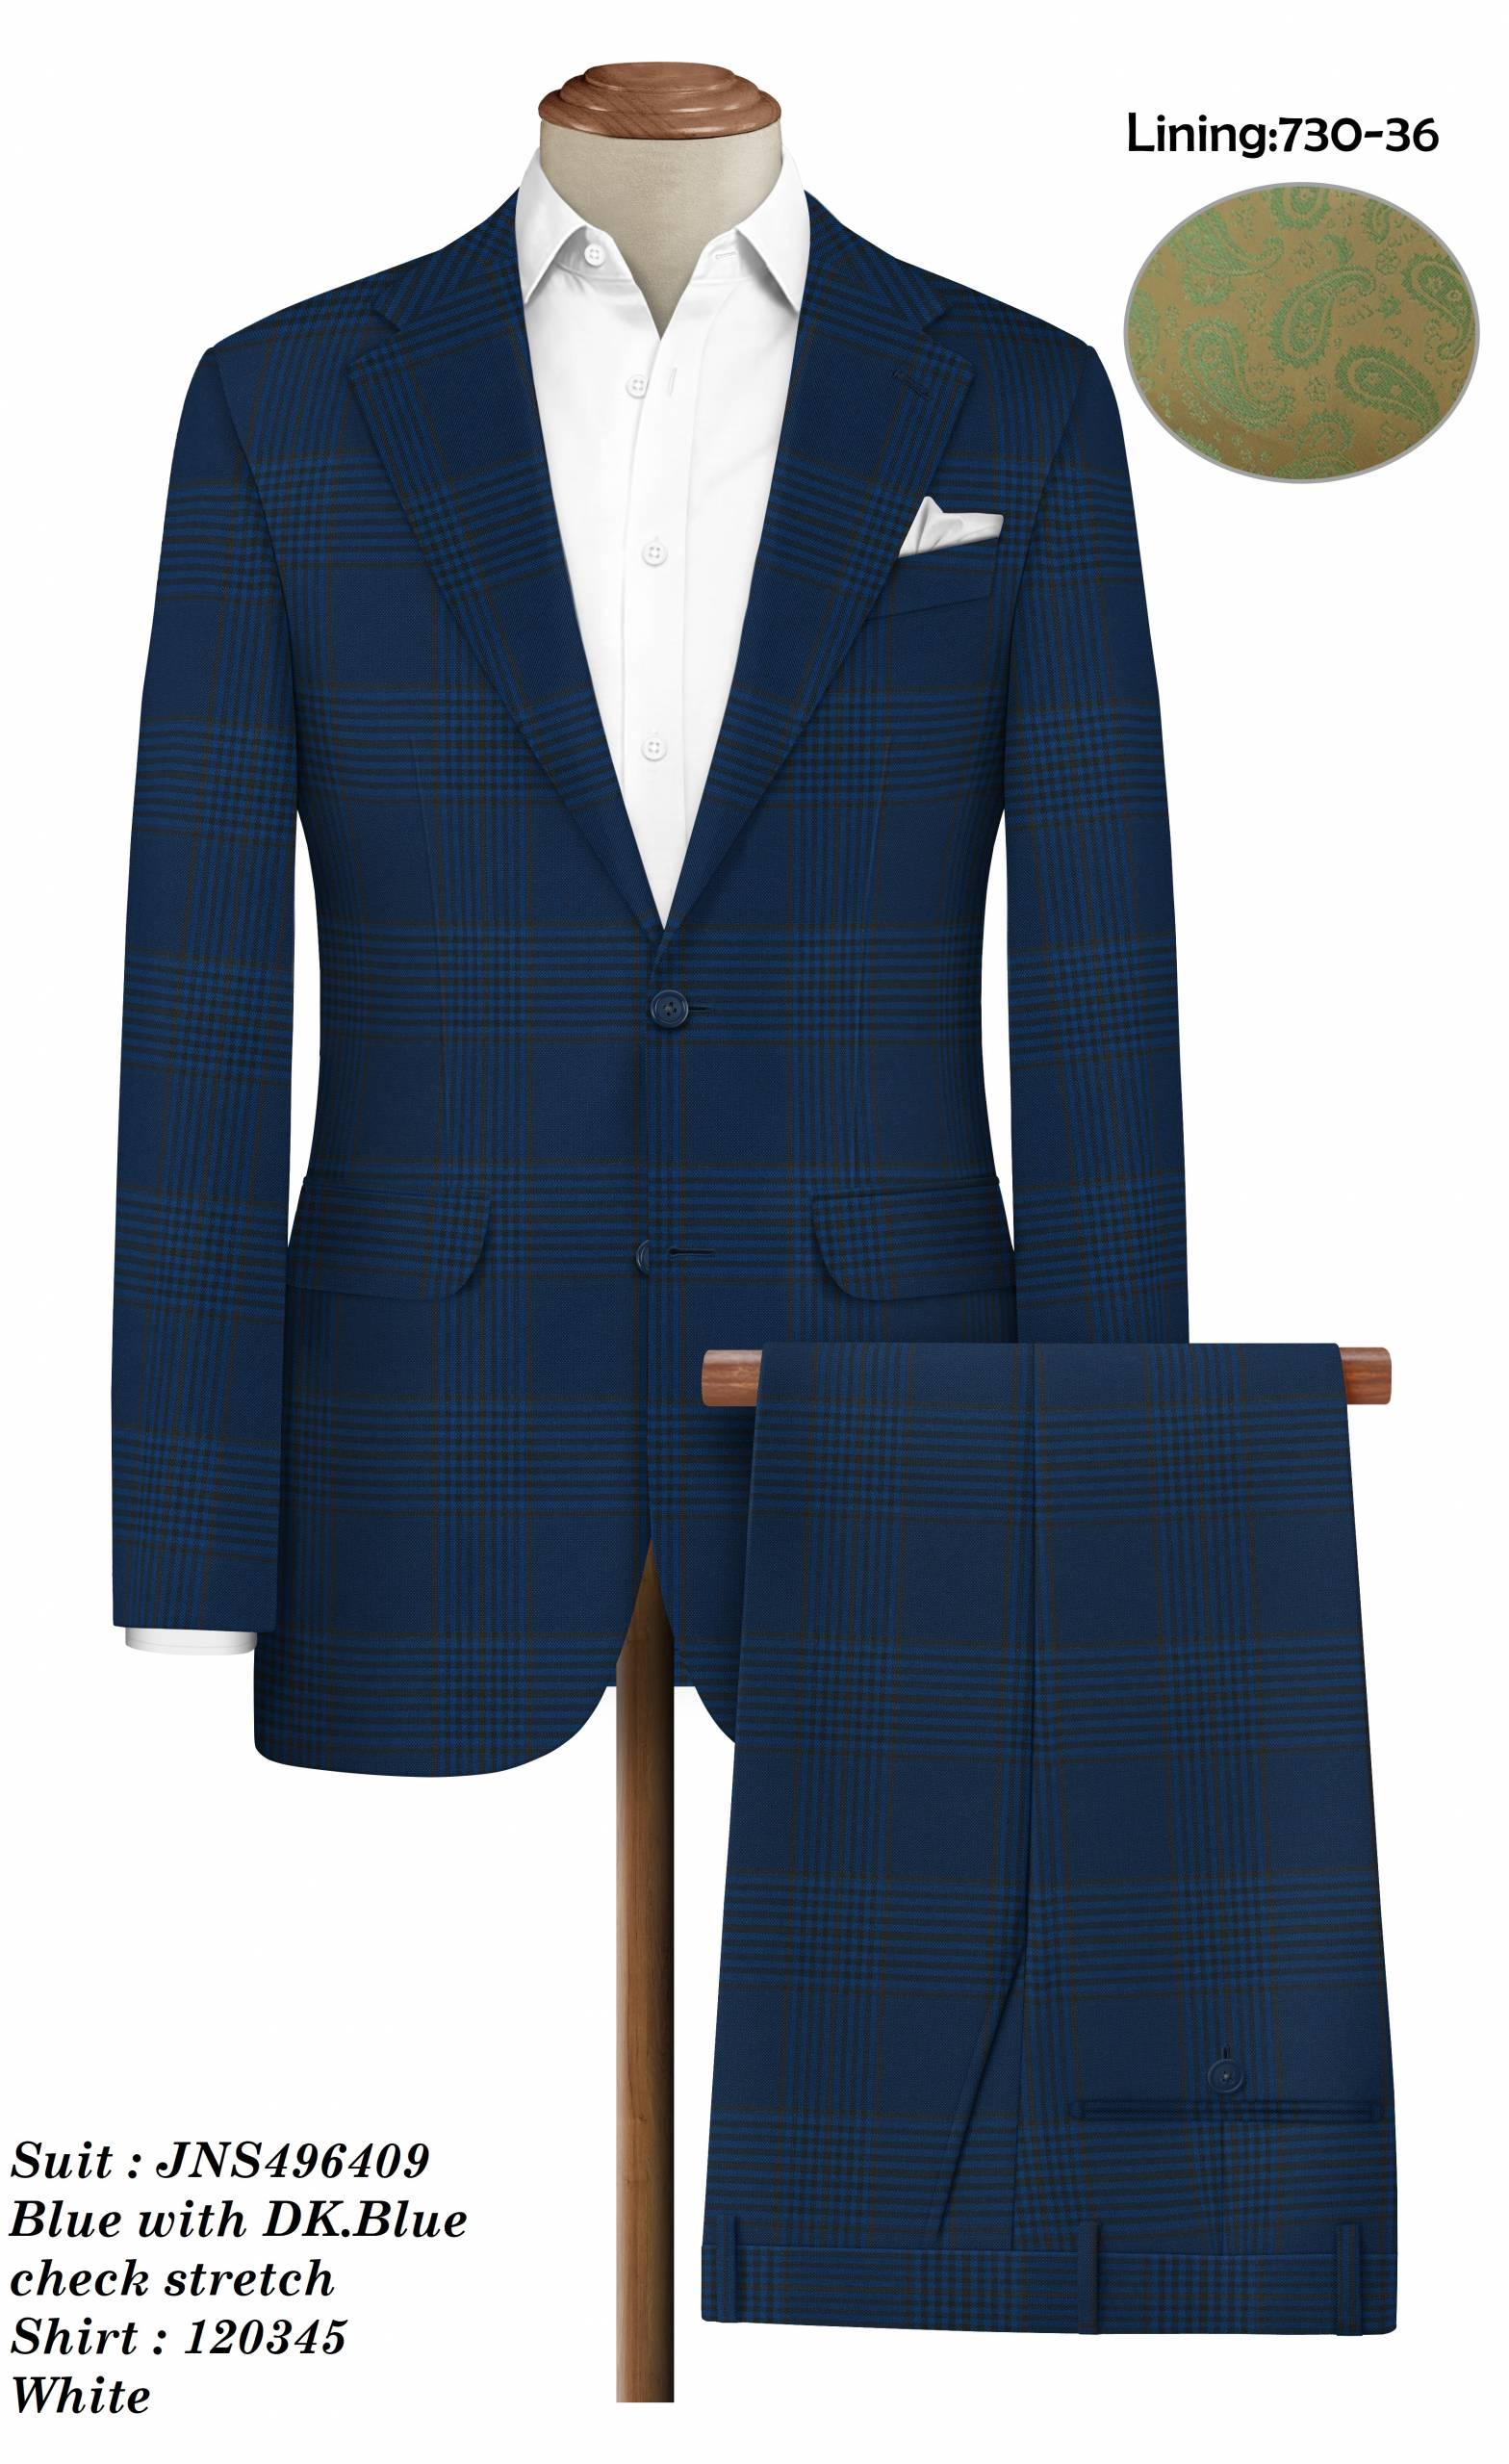 (101) JNS496409_suit